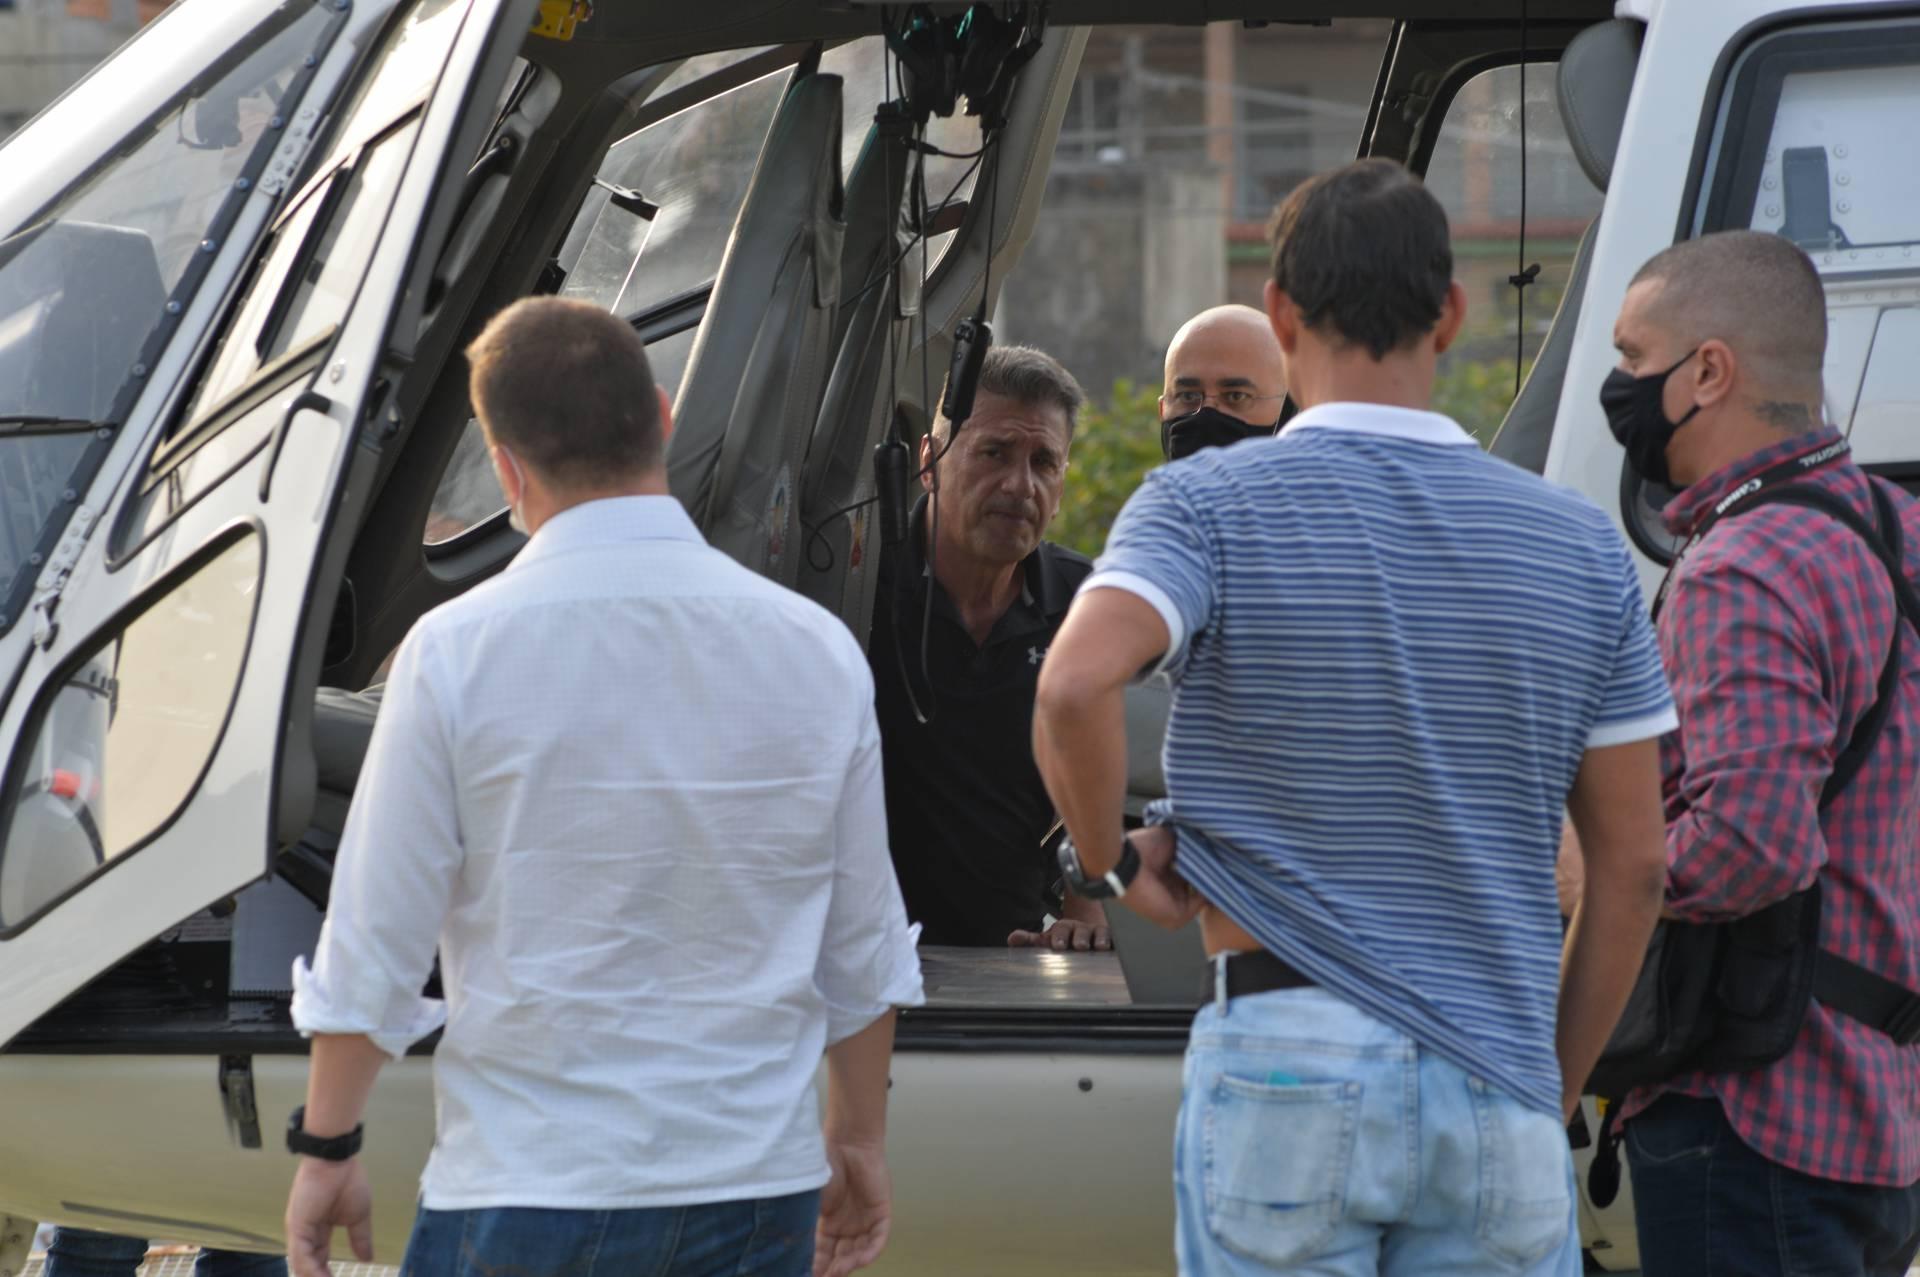 Sequestro de helicóptero: polícia identifica suspeitos de tentar resgatar traficantes